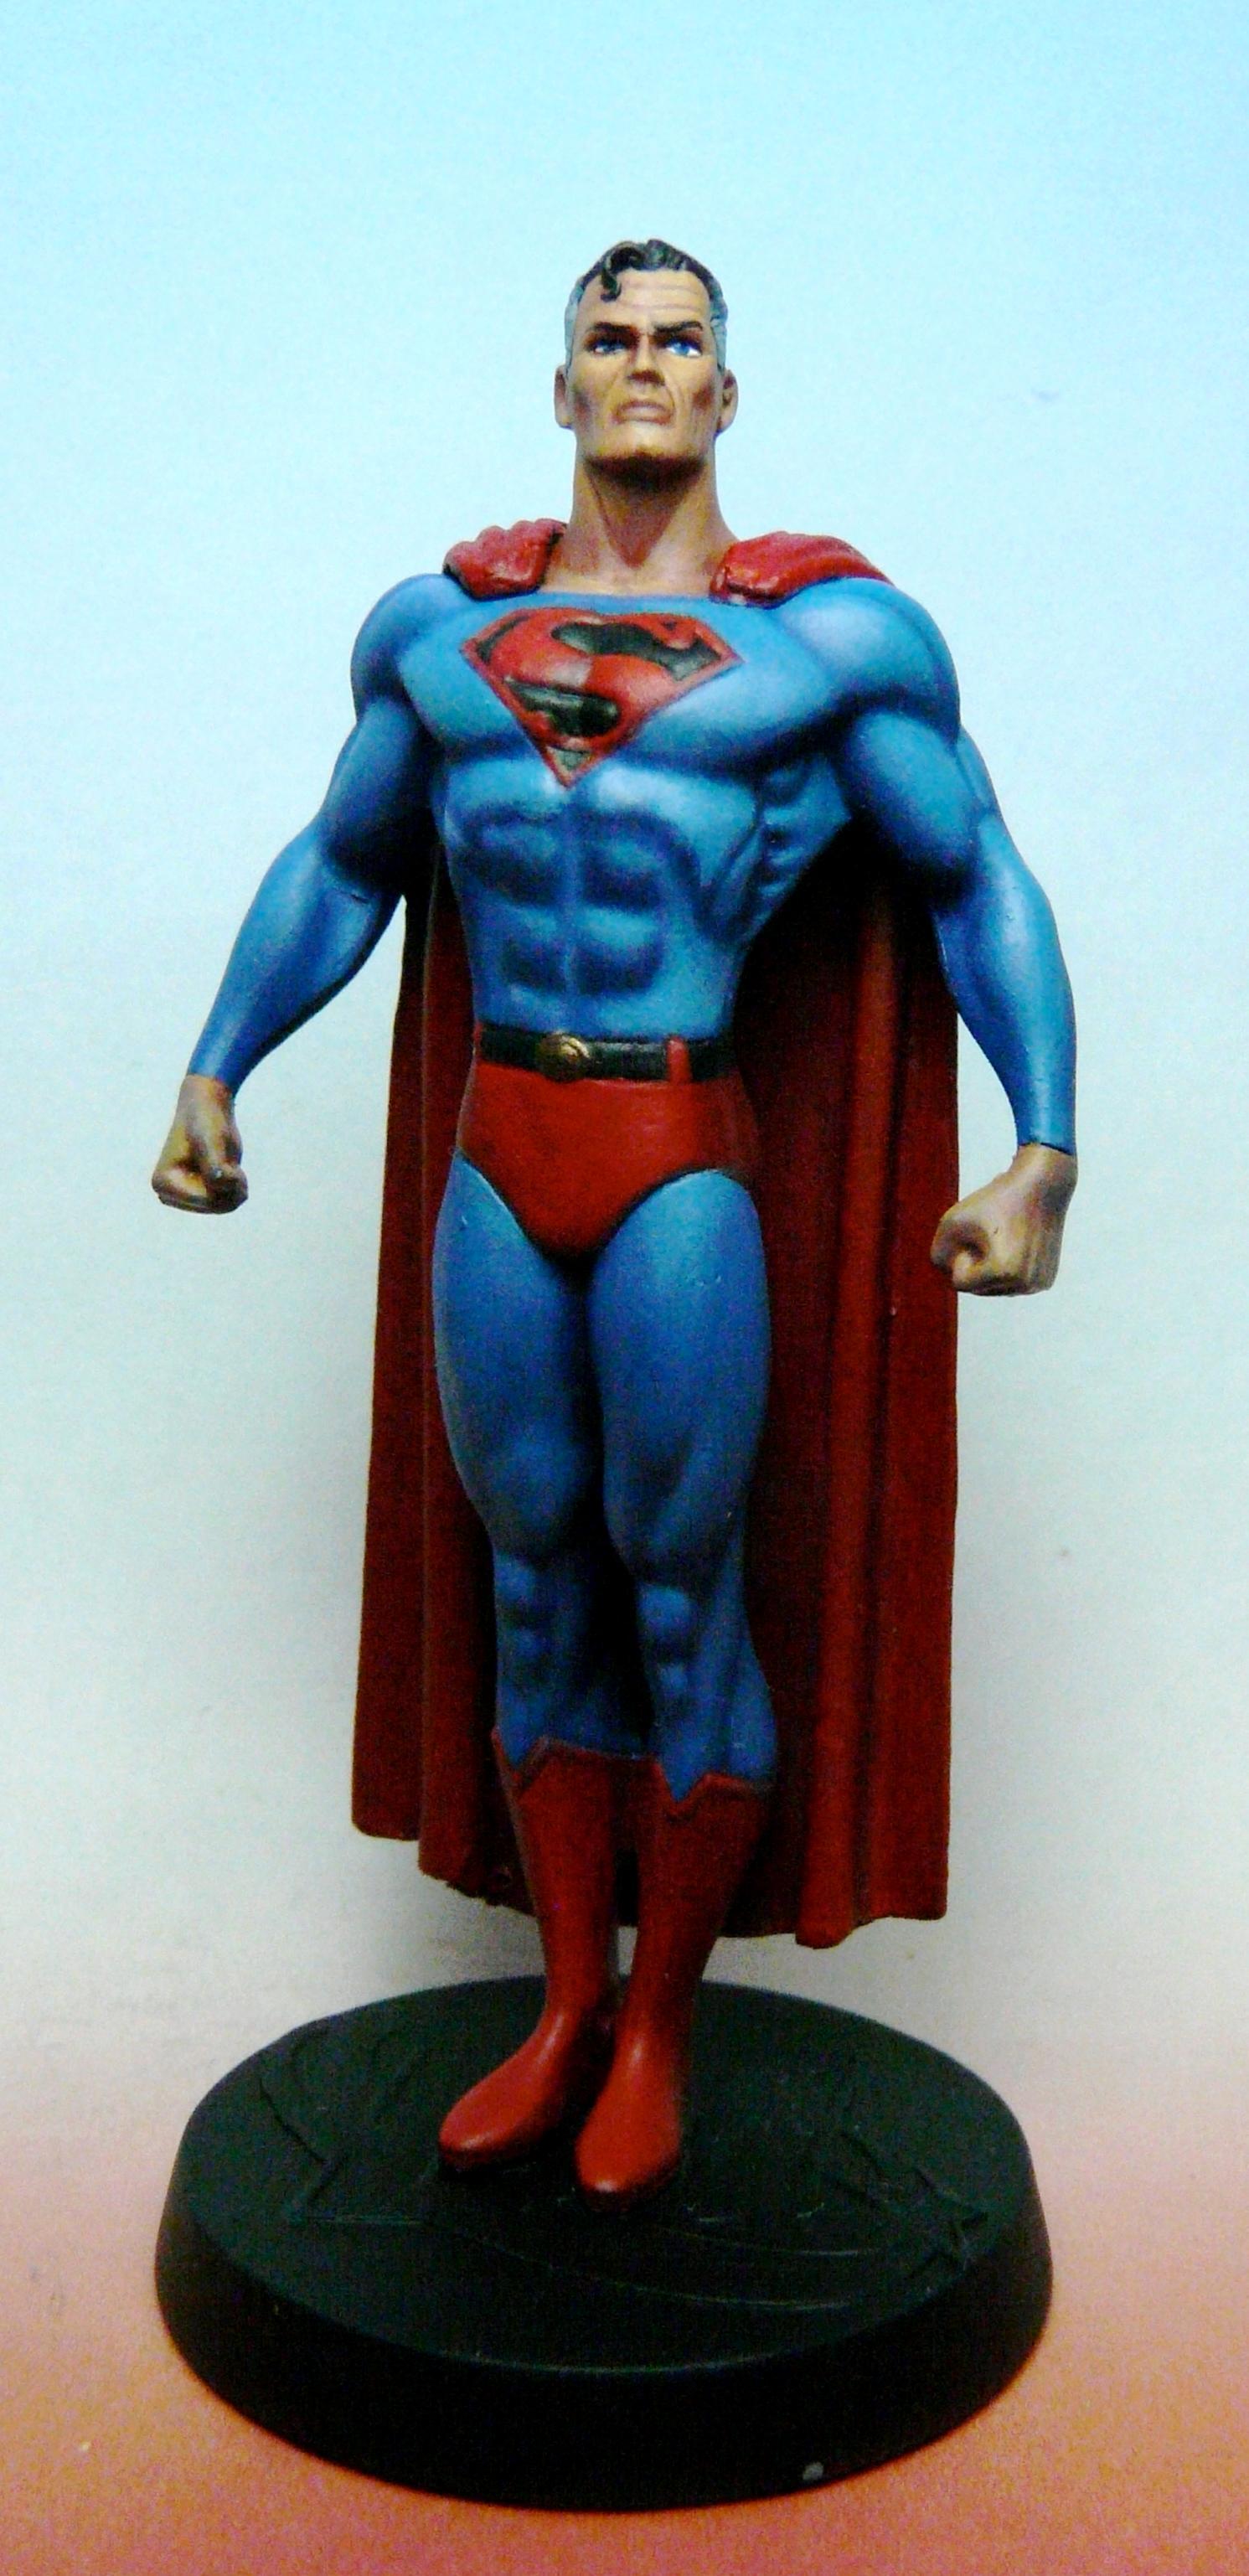 Comics, Justice League, Superhero, Superman